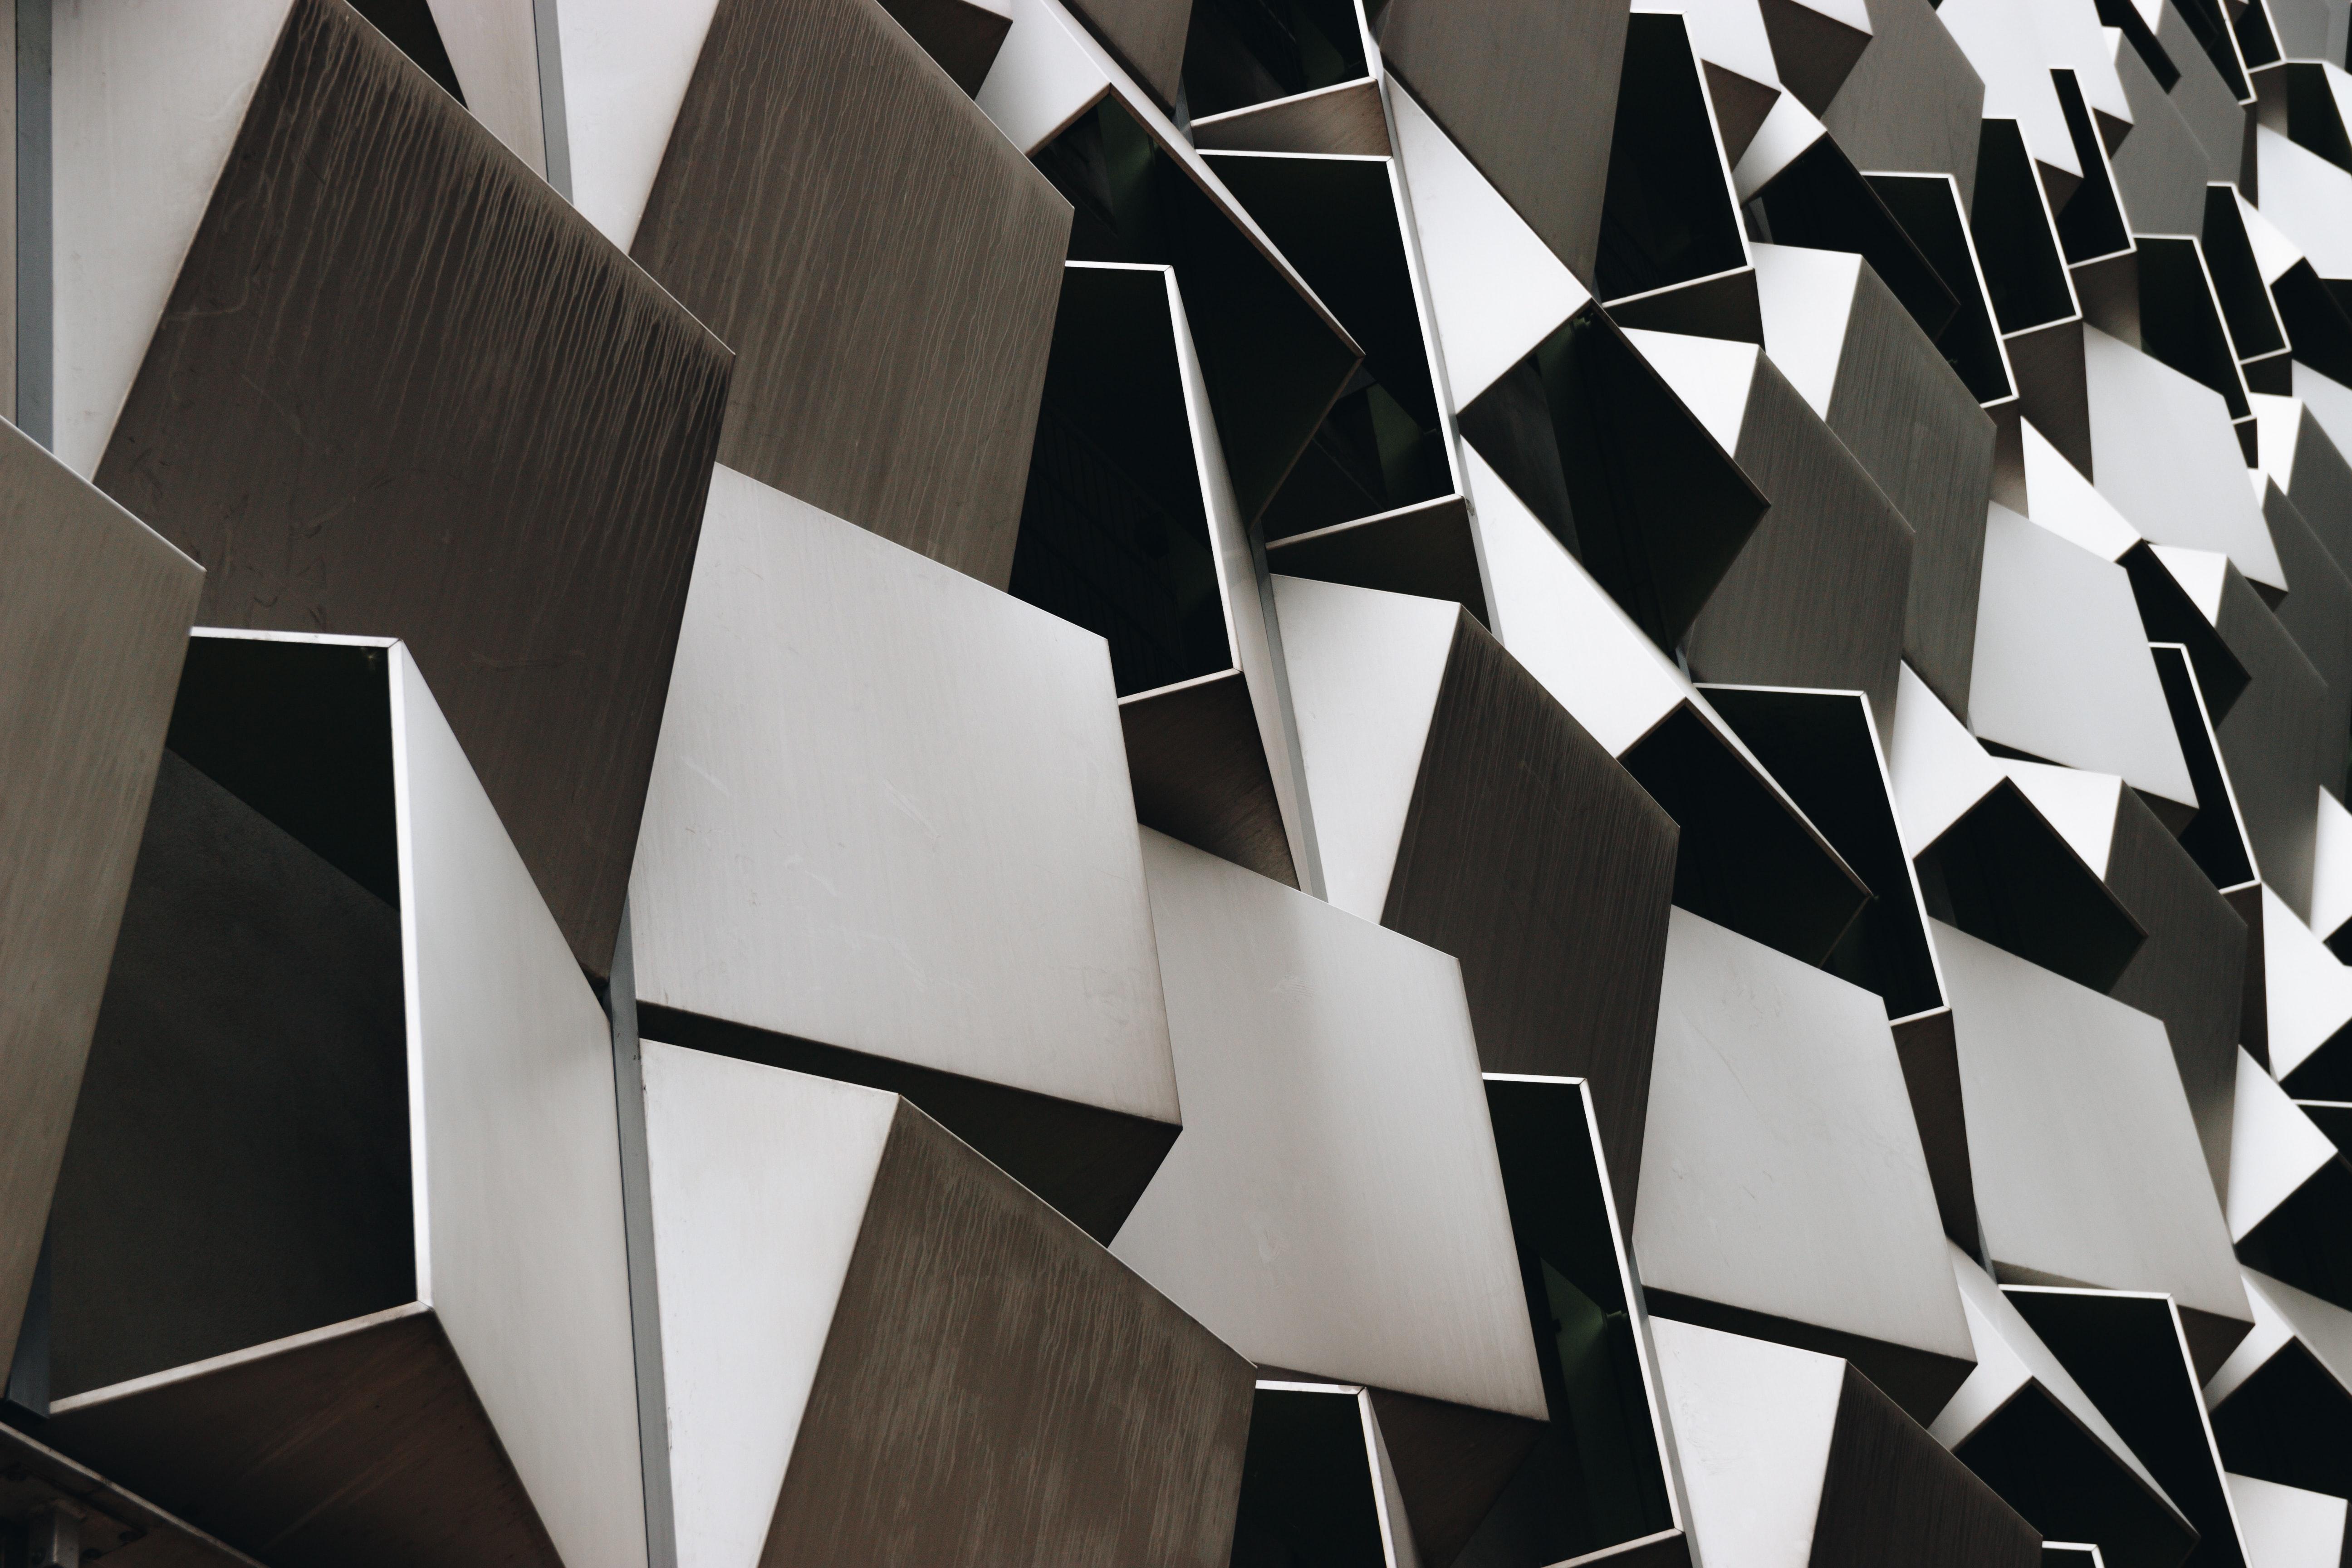 「ステンレススティール素材」のイメージ画像